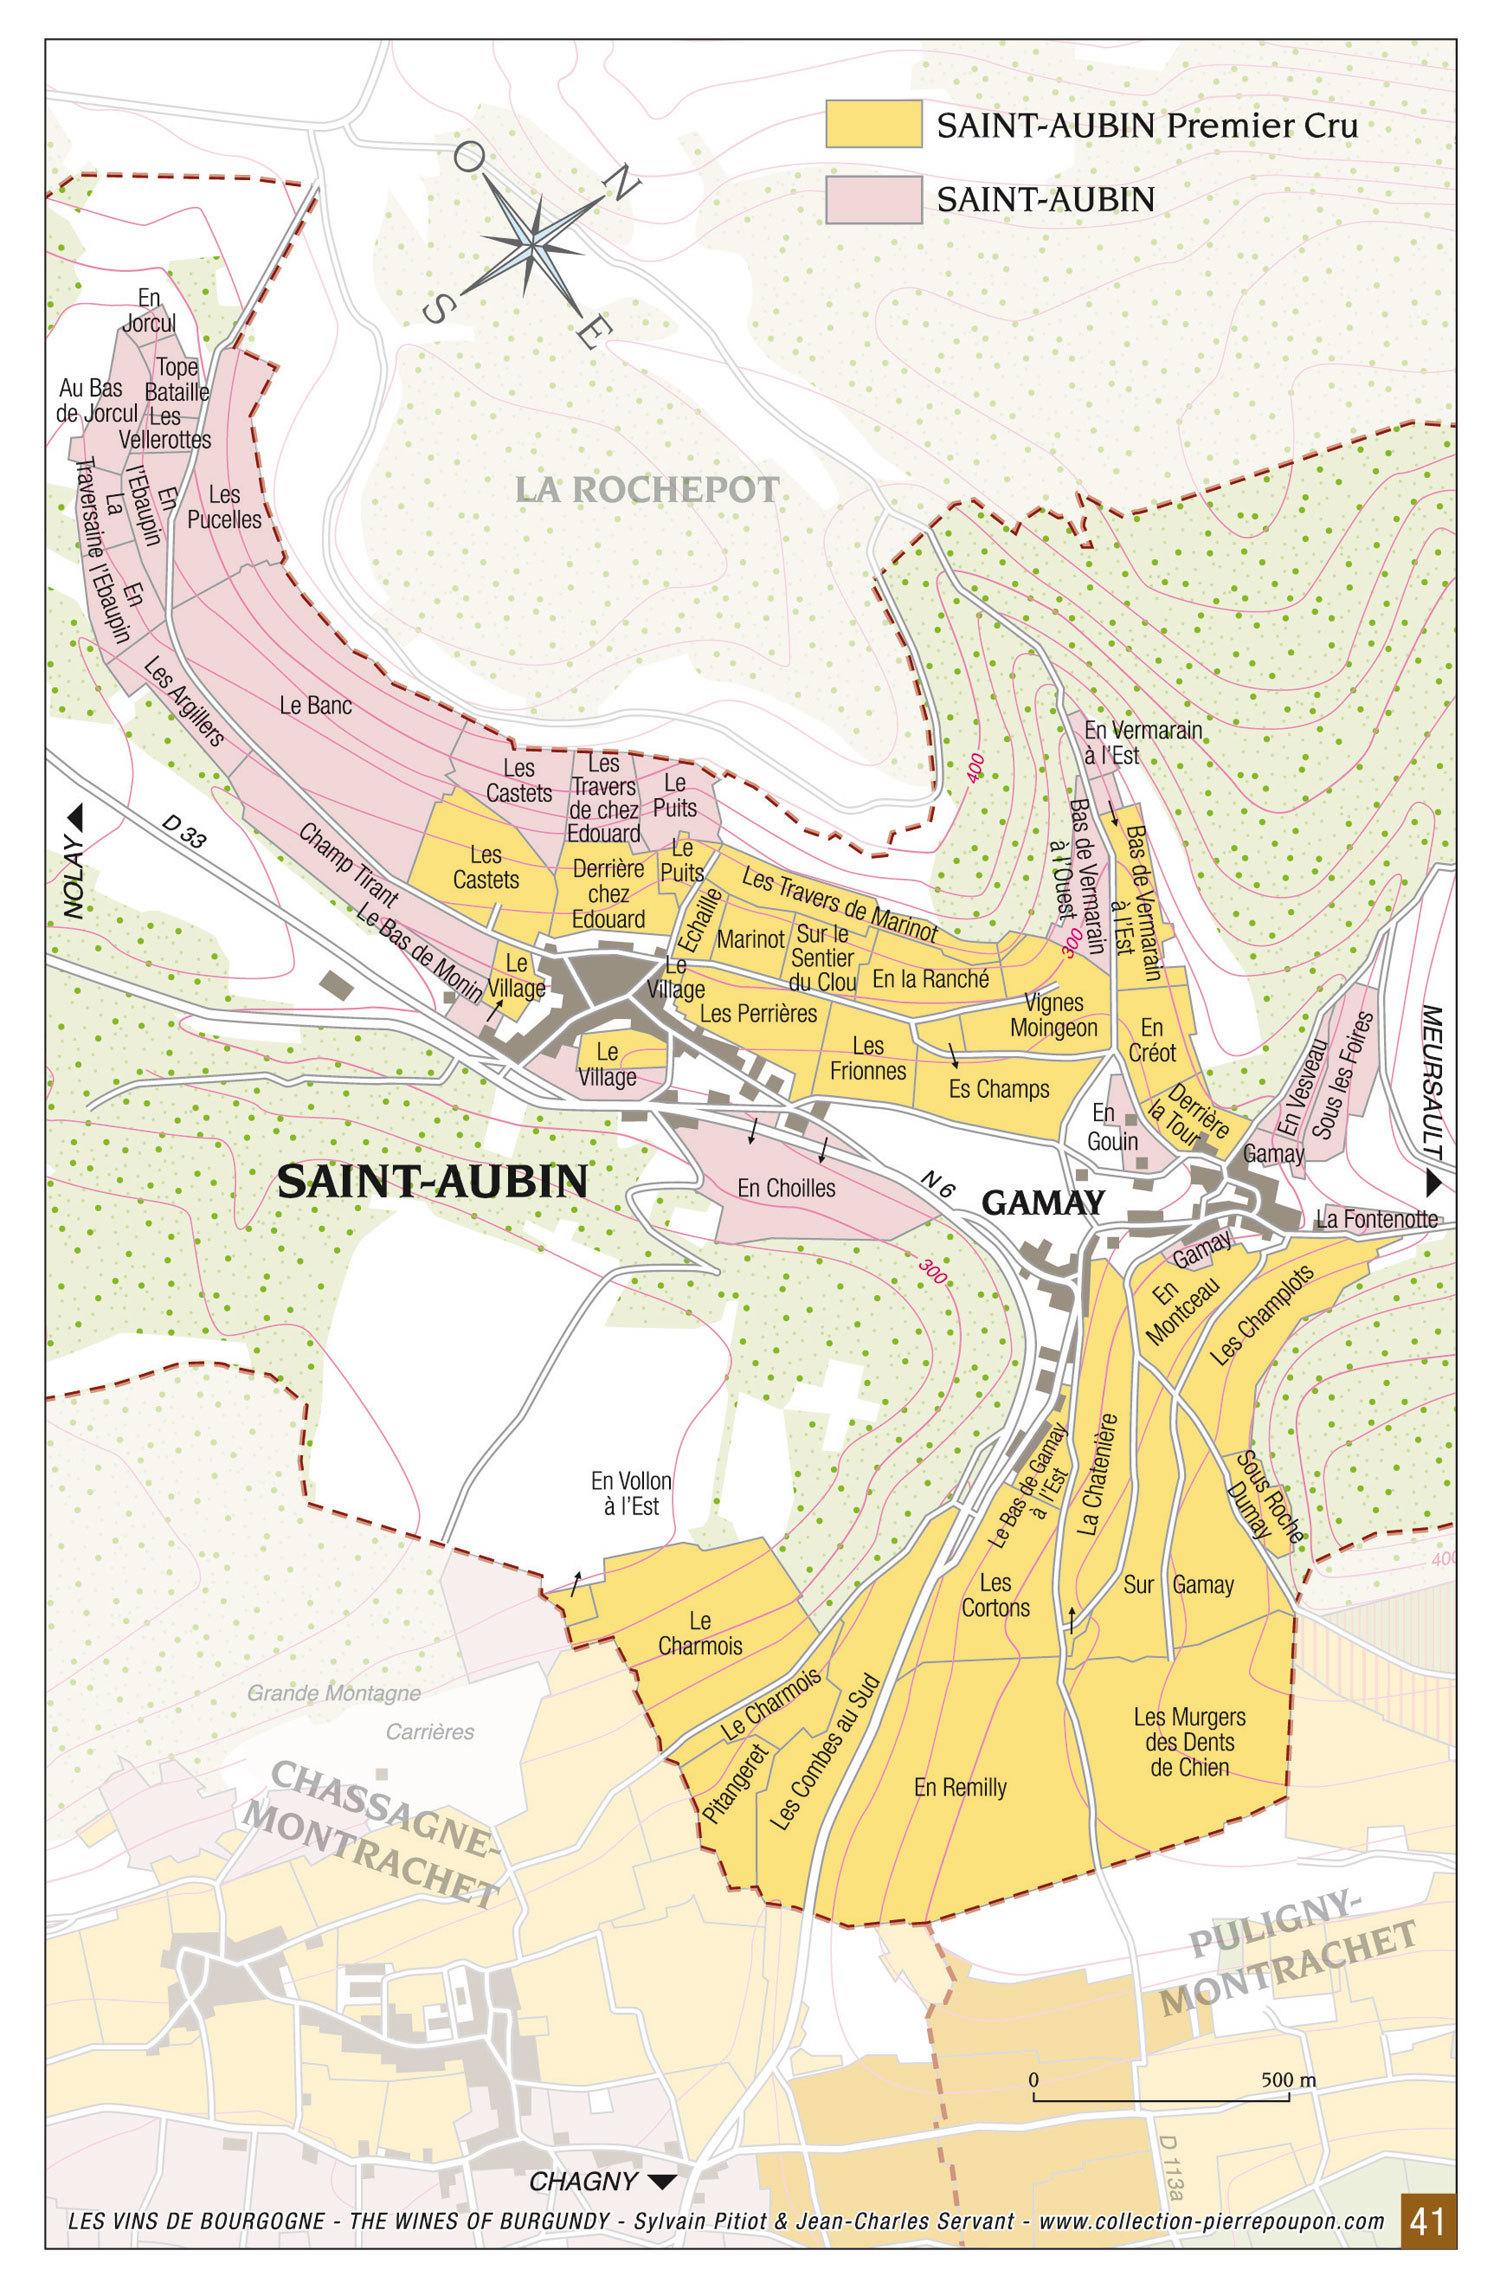 Bourgogne_Saint-Aubin1.jpg